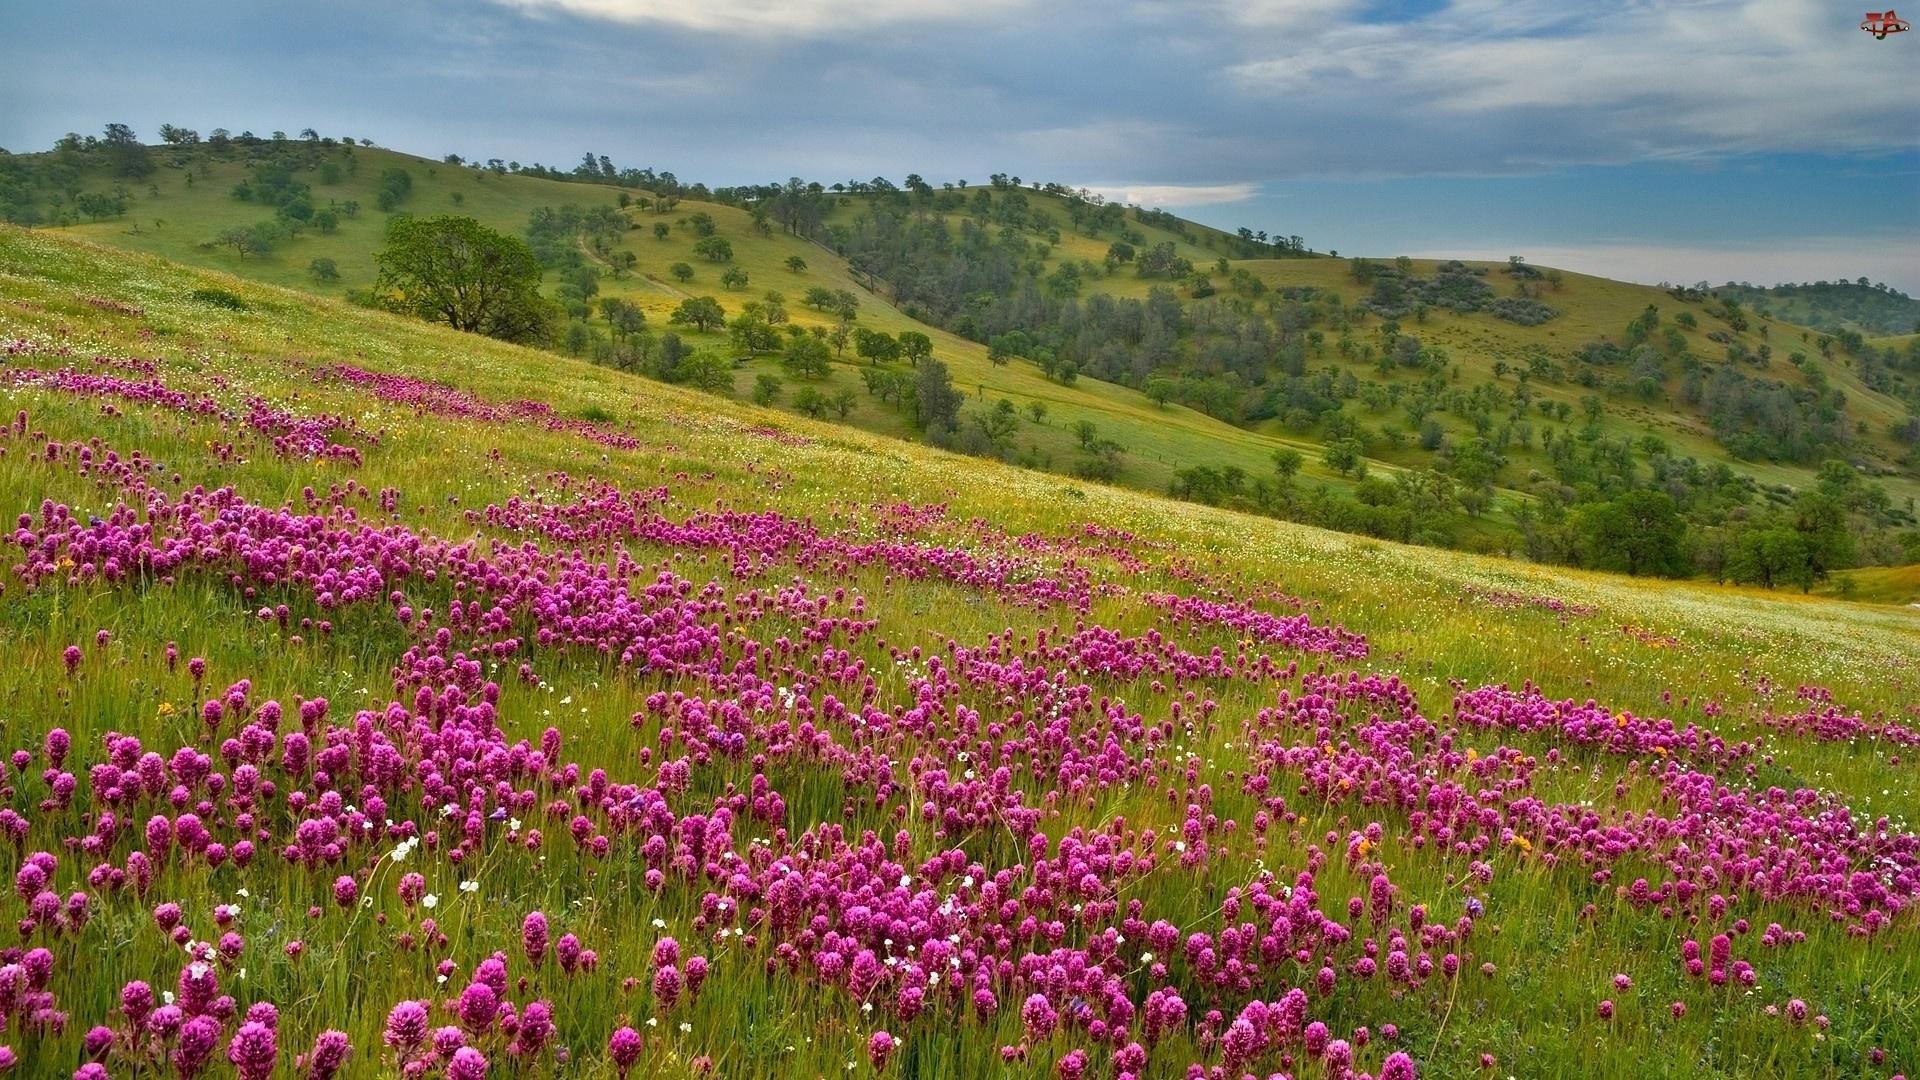 Kwiaty, Góra, Drzewa, Zbocze, Łąka